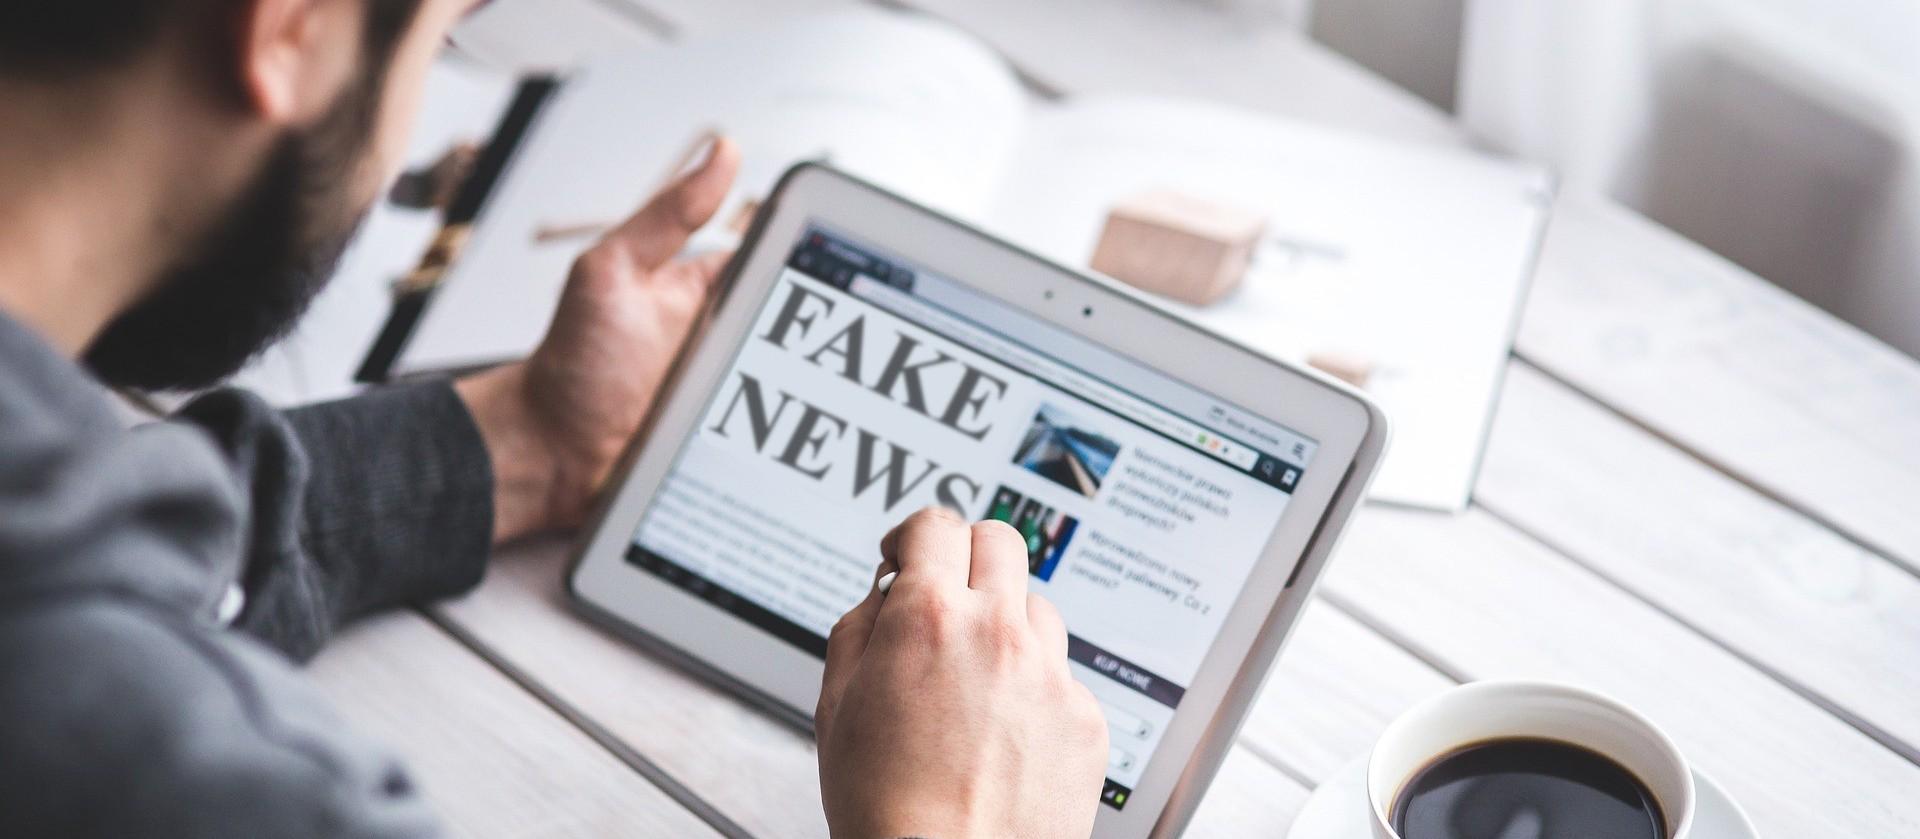 Pandemia da desinformação